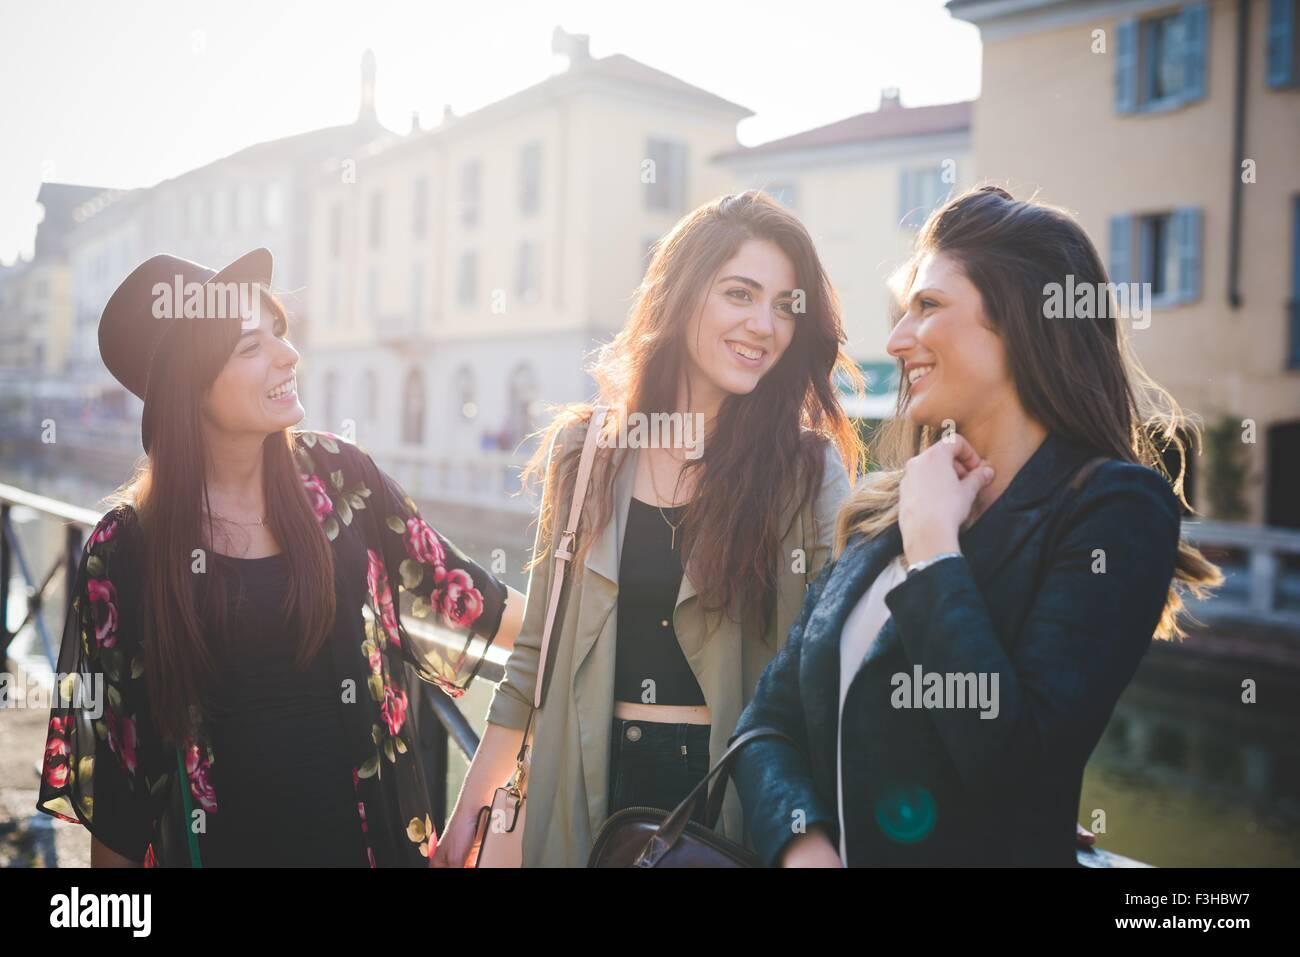 Trois jeunes femmes bavardant sur canal mer Photo Stock